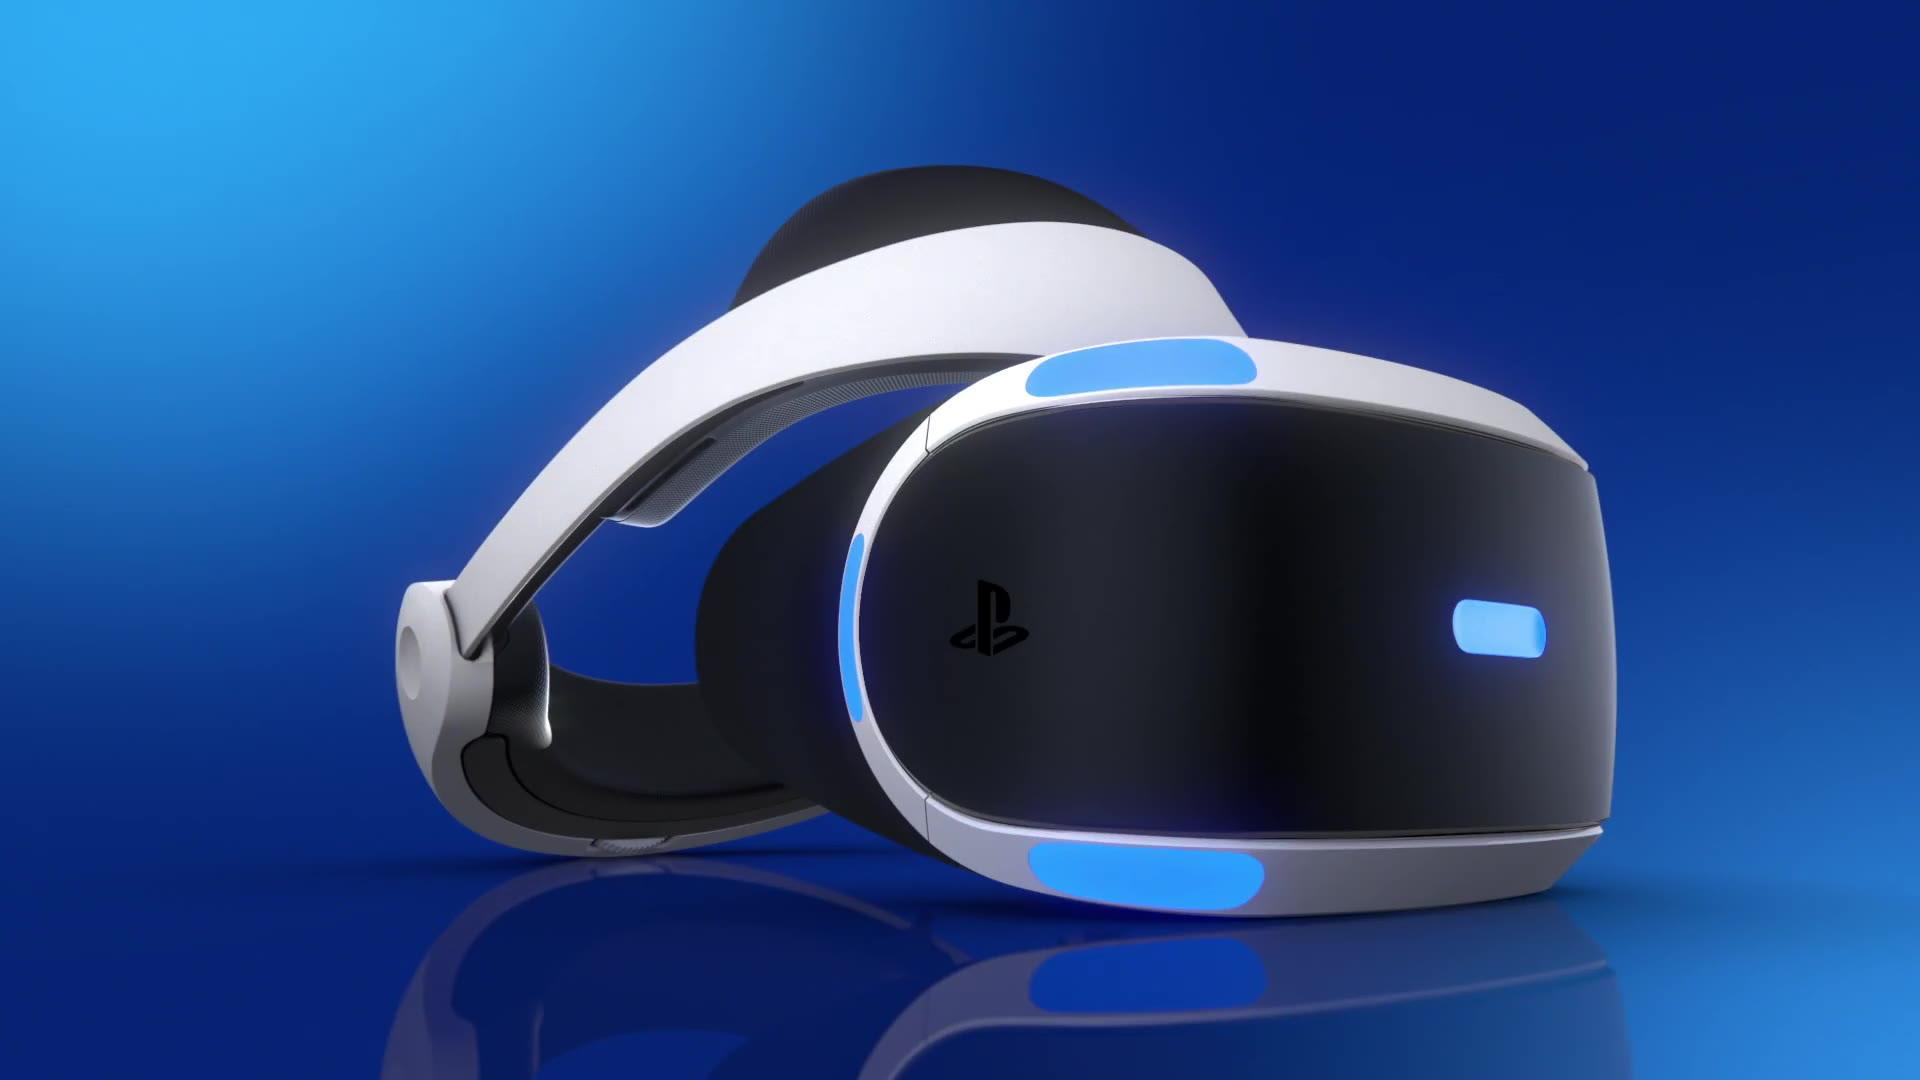 Scarlett Xbox ilk andan etibarən virtual reallığı dəstəkləməlidir 1